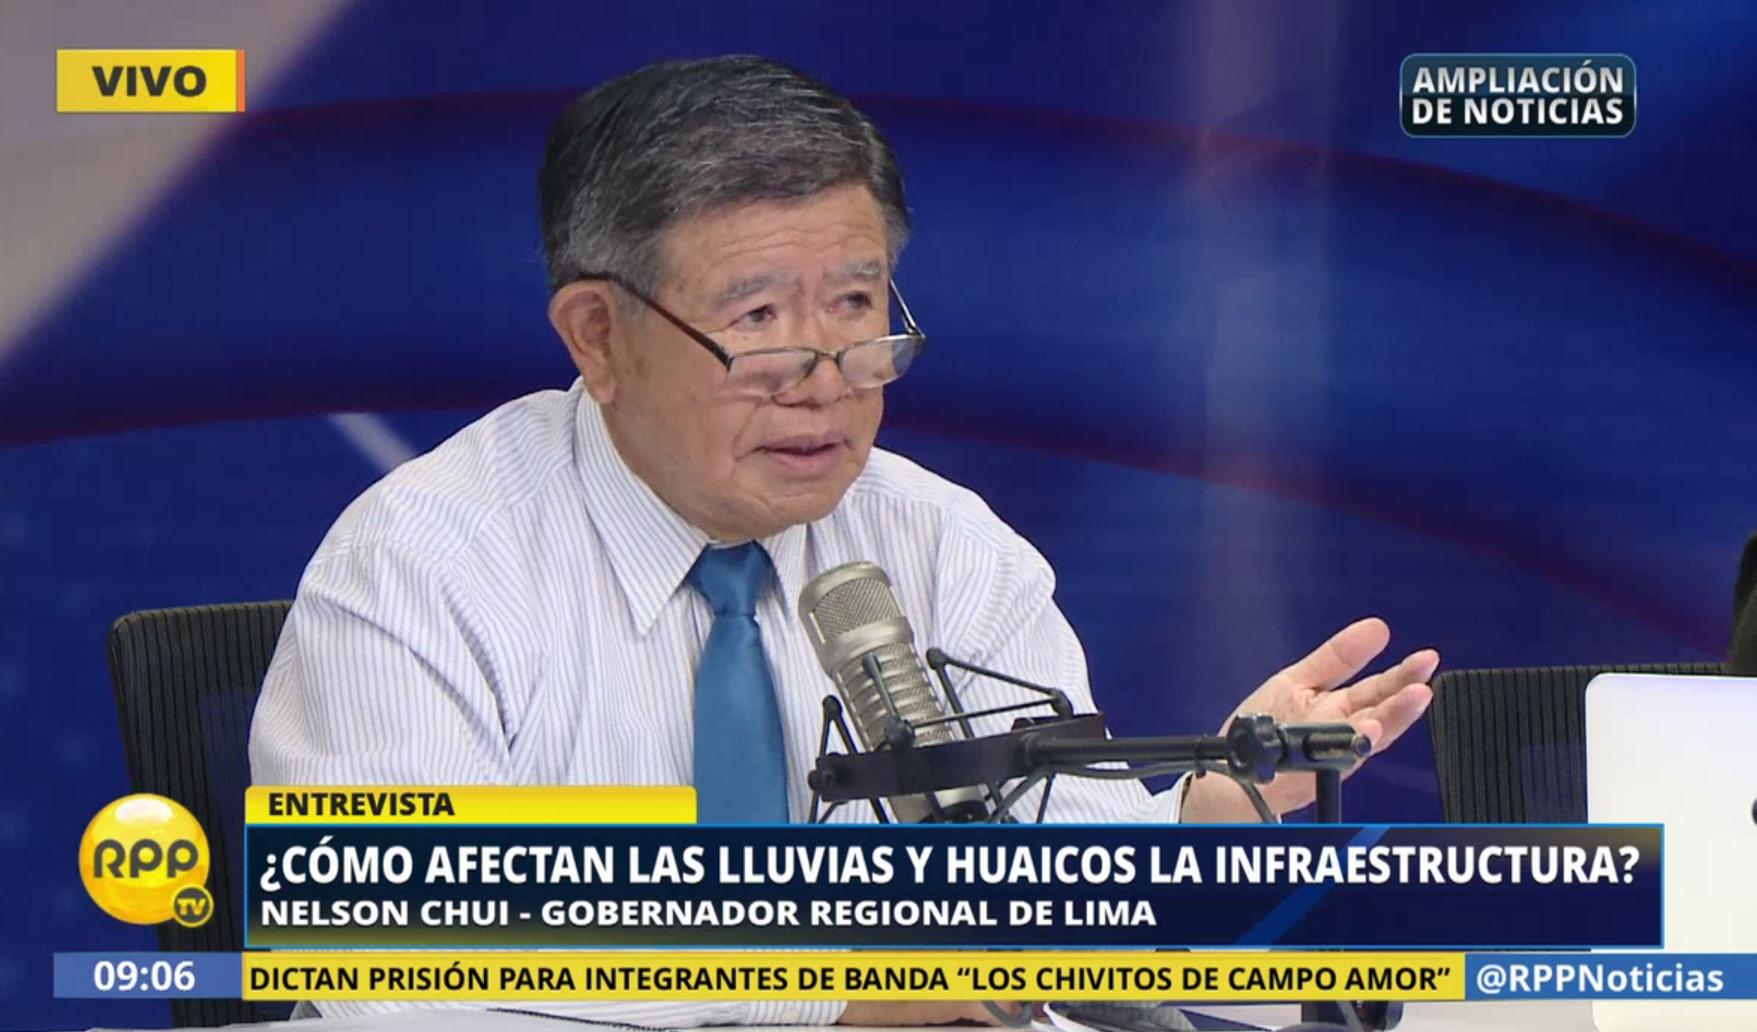 Nelson Chui estuvo este viernes en Ampliación de noticias y explicó los problemas que afronta Lima fuera de la zona metropolitana debido a los huaicos.